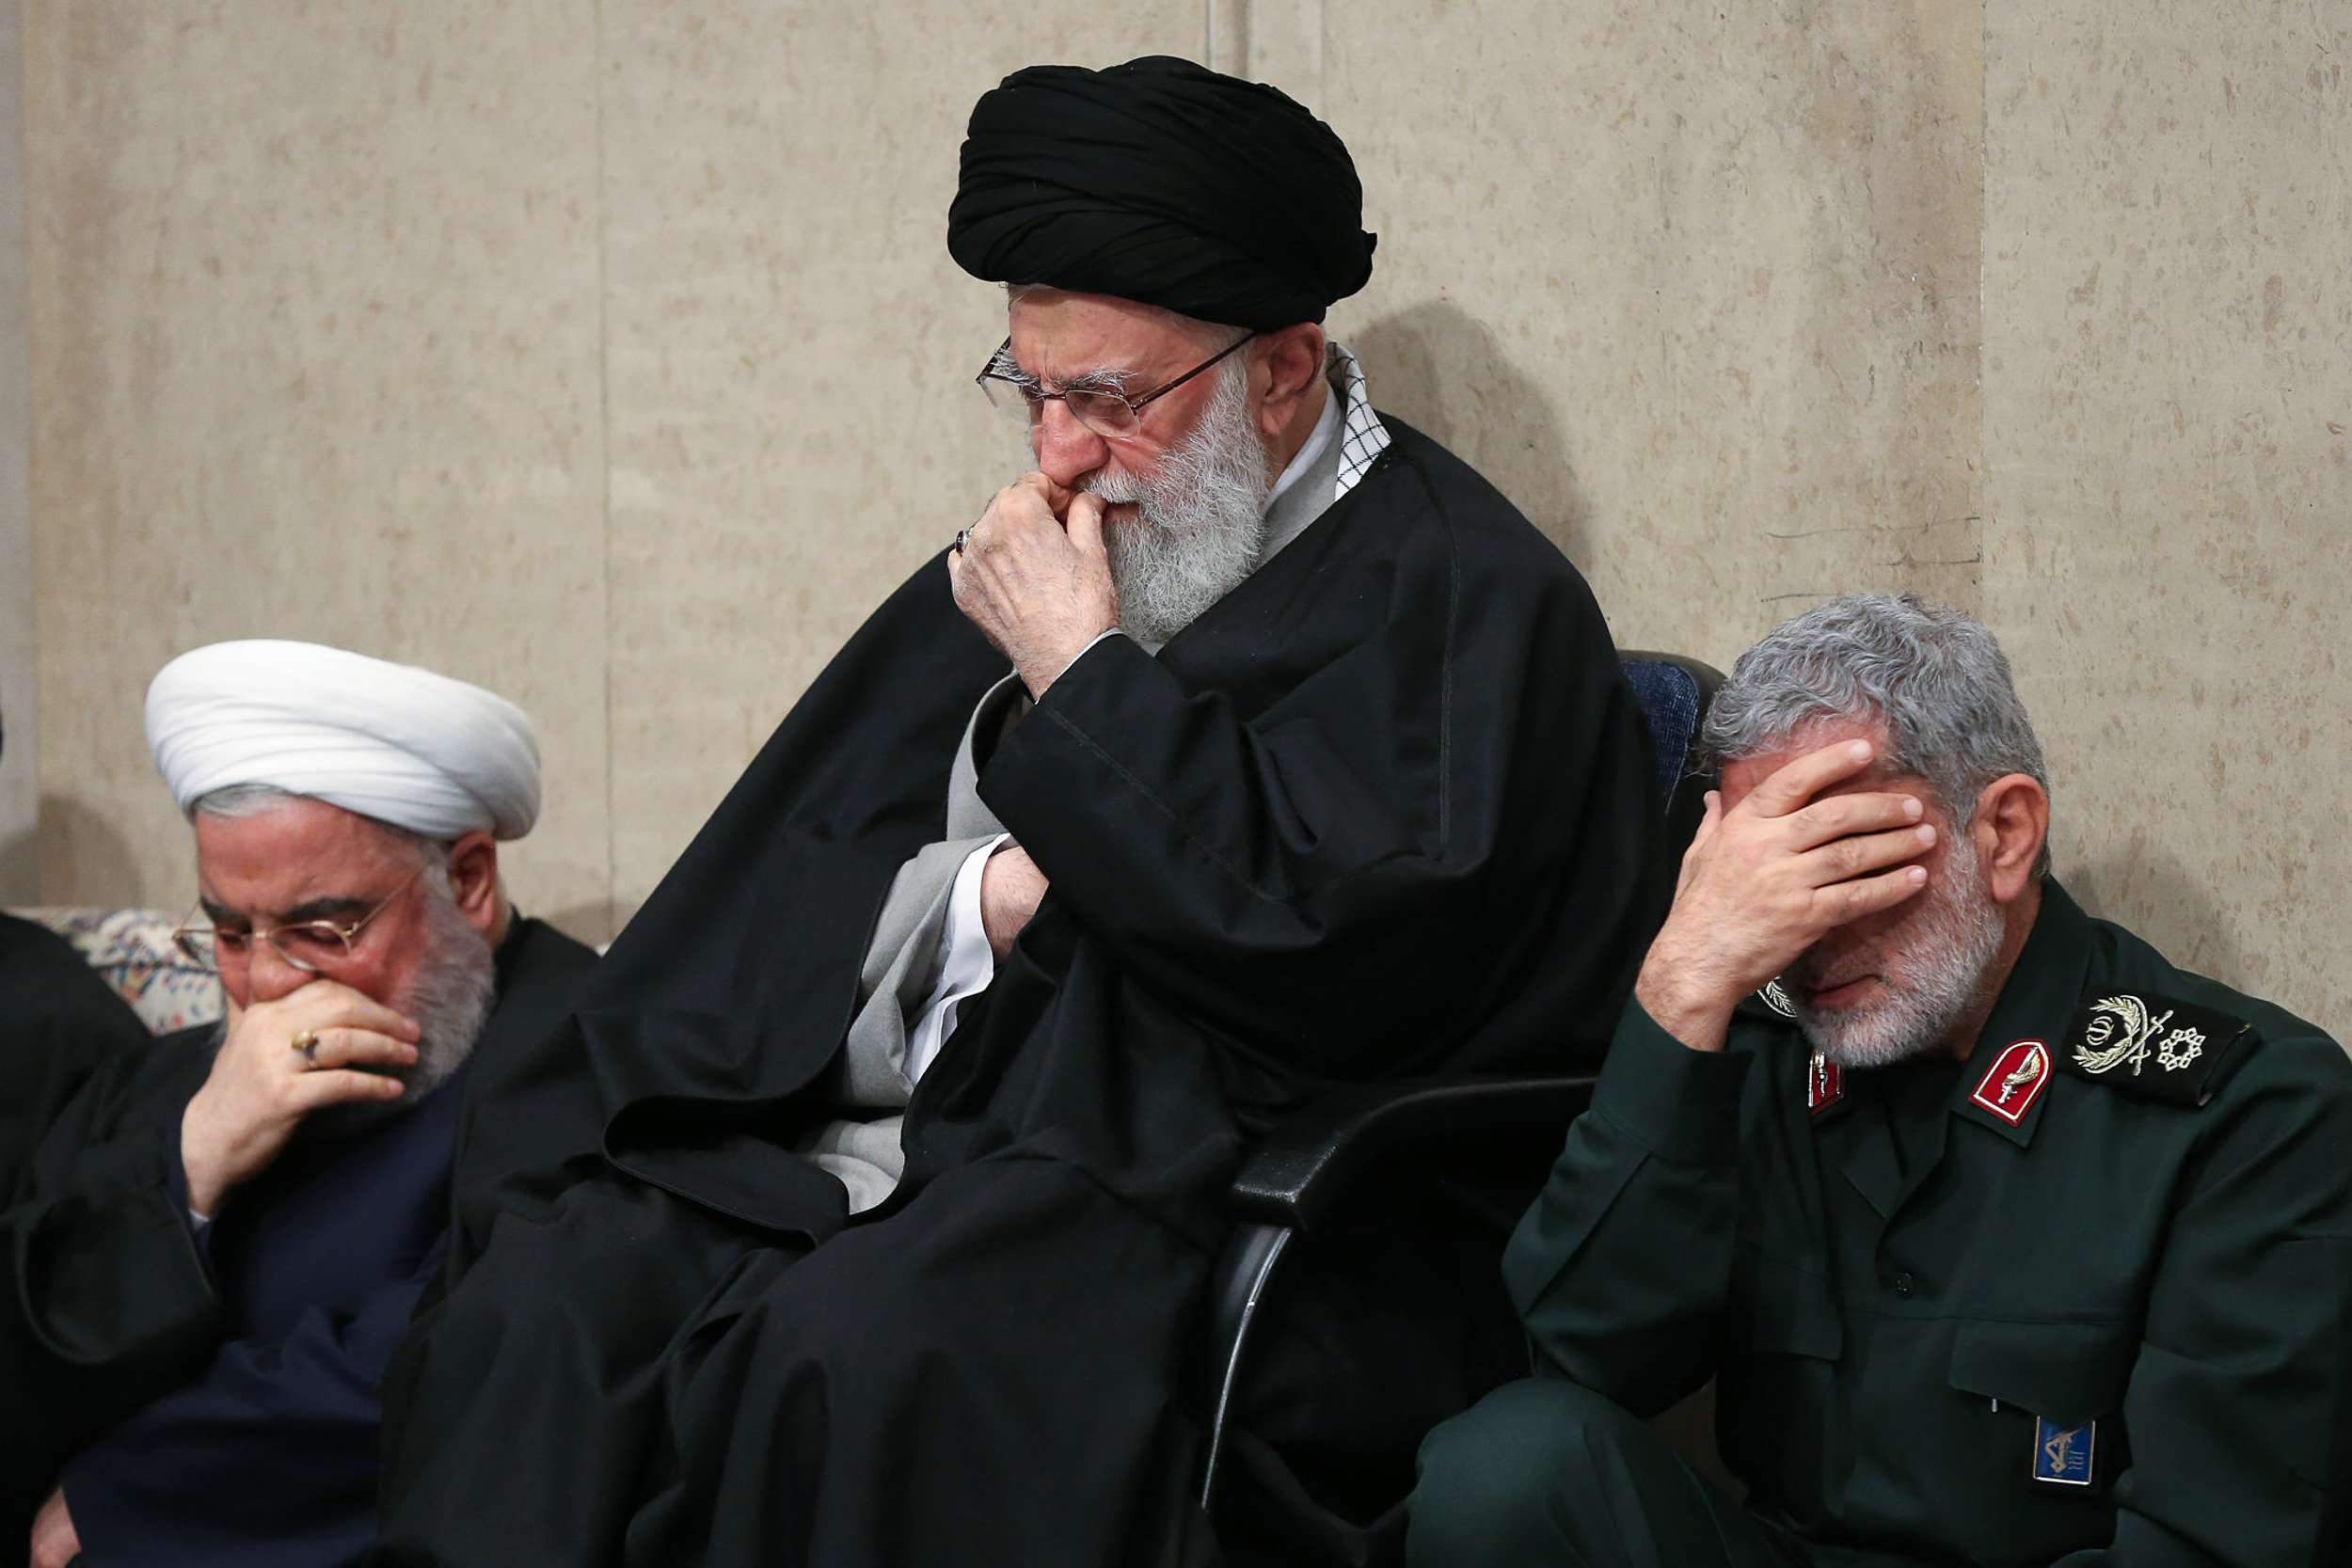 صورة تمـ.ـزيق صـ.ـور سلـ.ـيماني وسـ.ـط طهران.. ومظـ.ـاهرات عـ.ـارمة